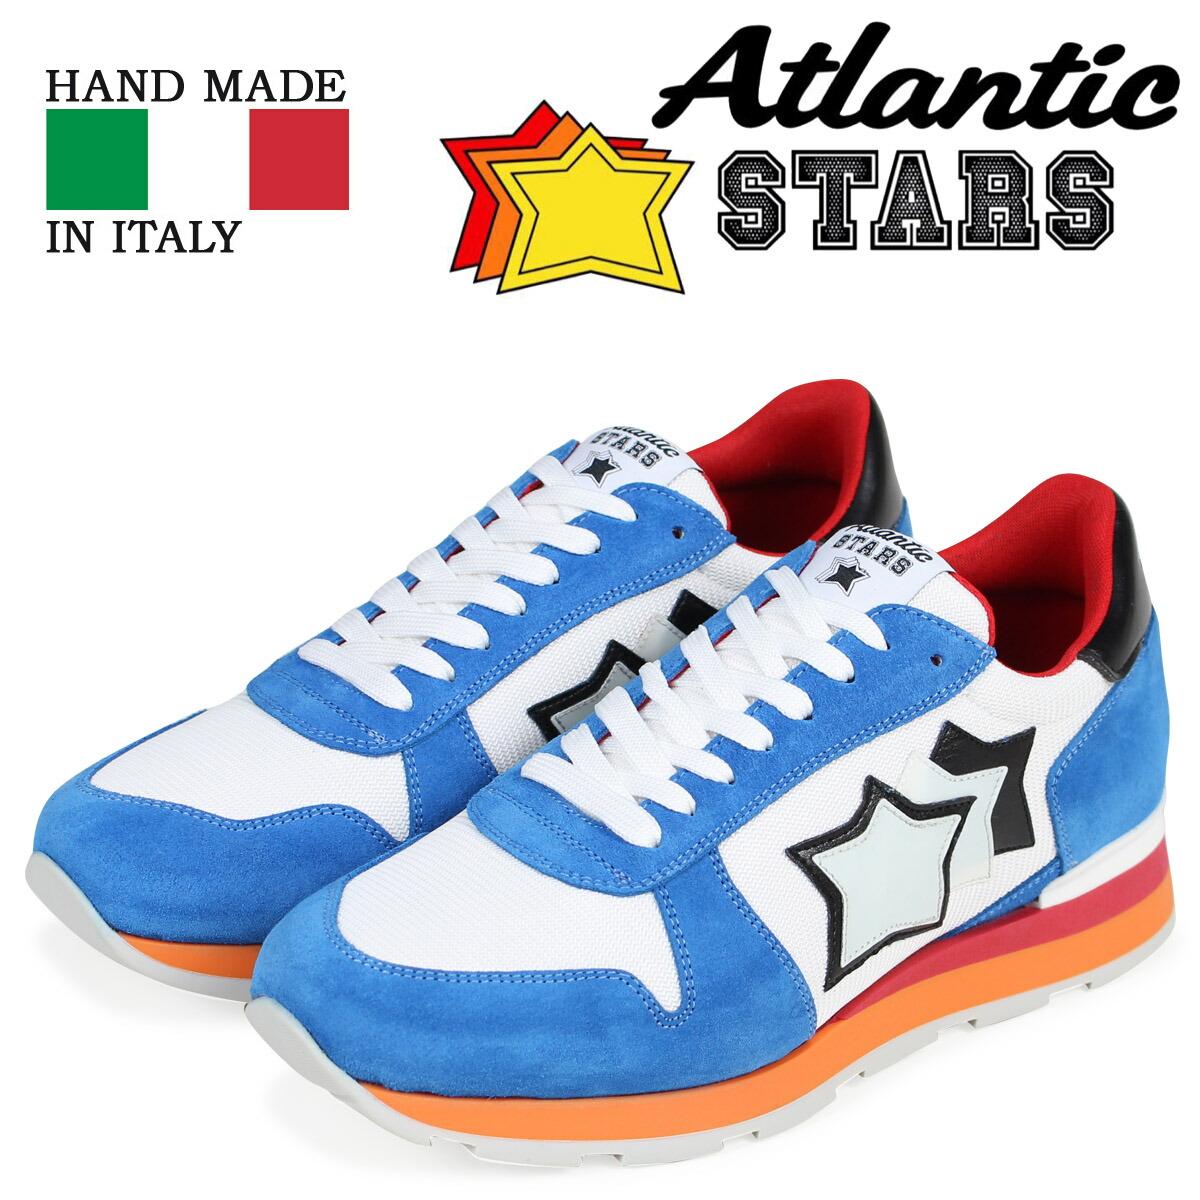 アトランティックスターズ メンズ スニーカー Atlantic STARS シリウス SIRIUS AB-85B ホワイト [2/2 新入荷]